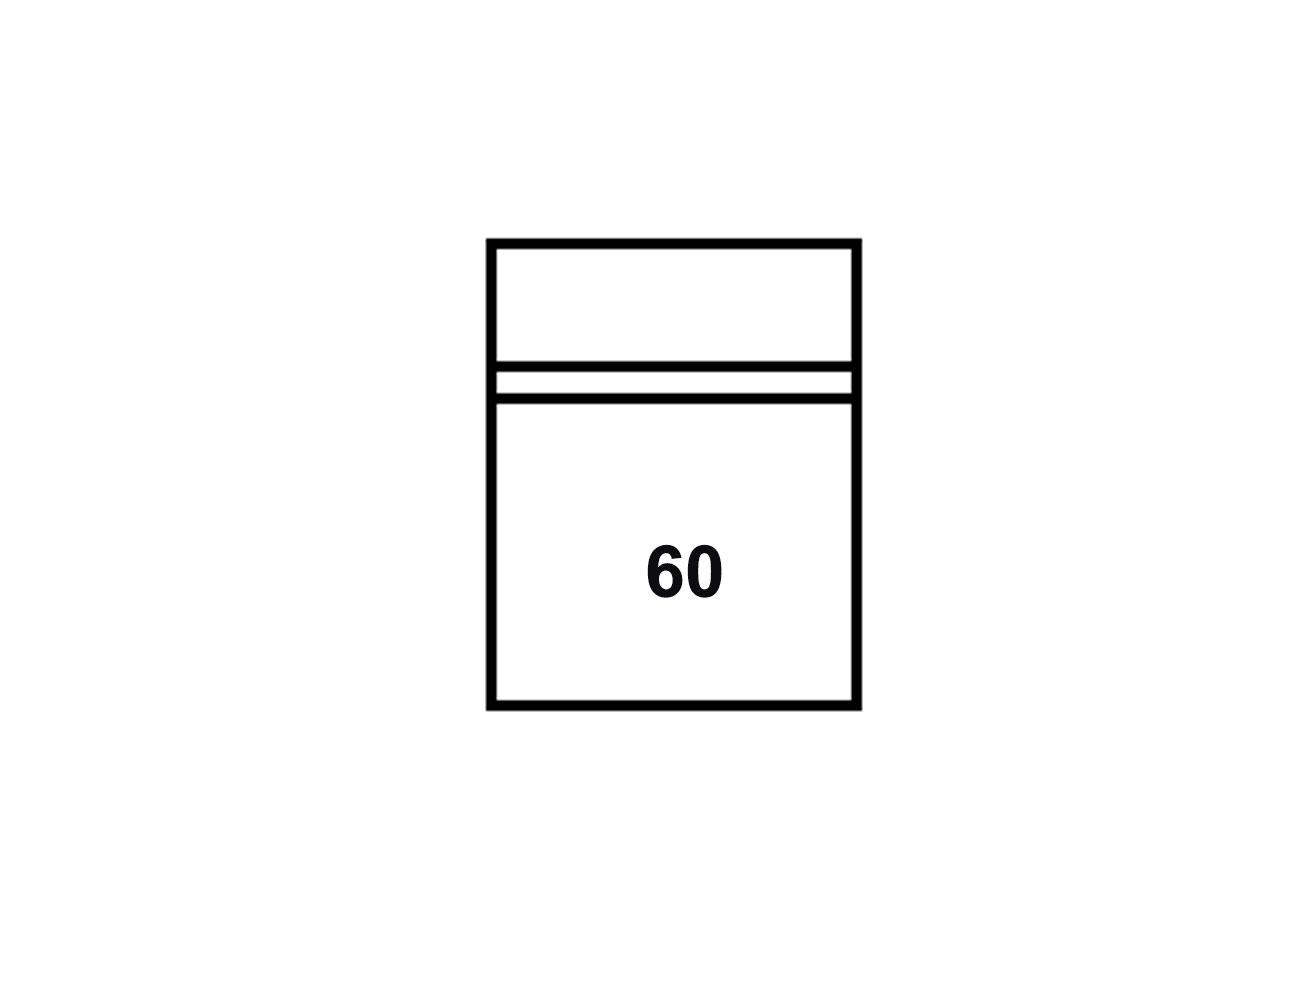 Modulo 1p 60